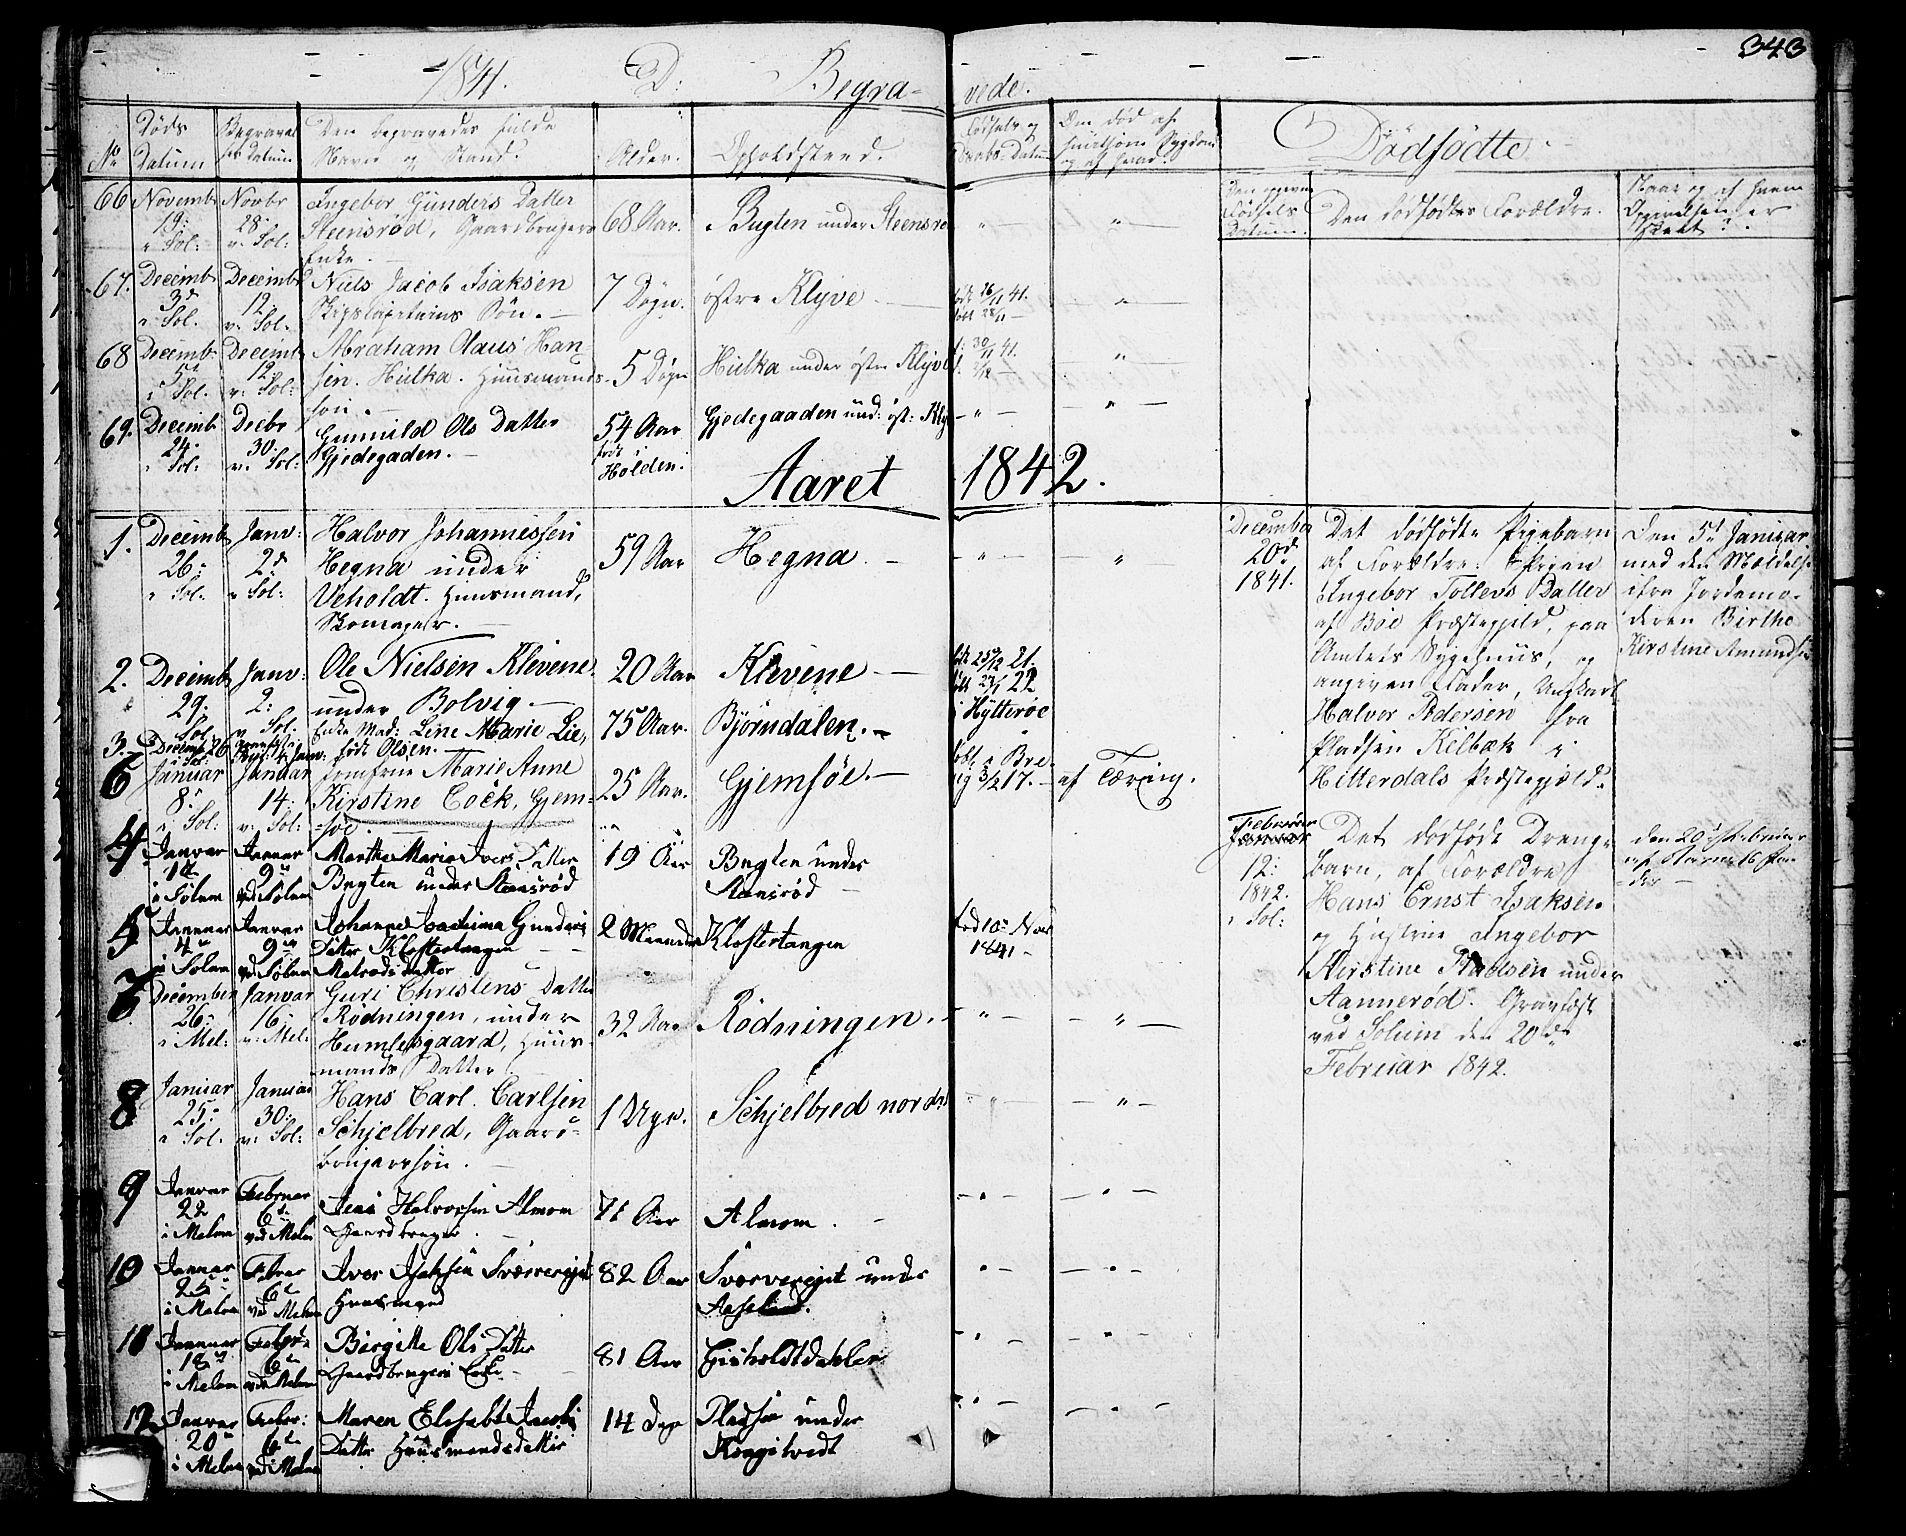 SAKO, Solum kirkebøker, G/Ga/L0002: Klokkerbok nr. I 2, 1834-1848, s. 343